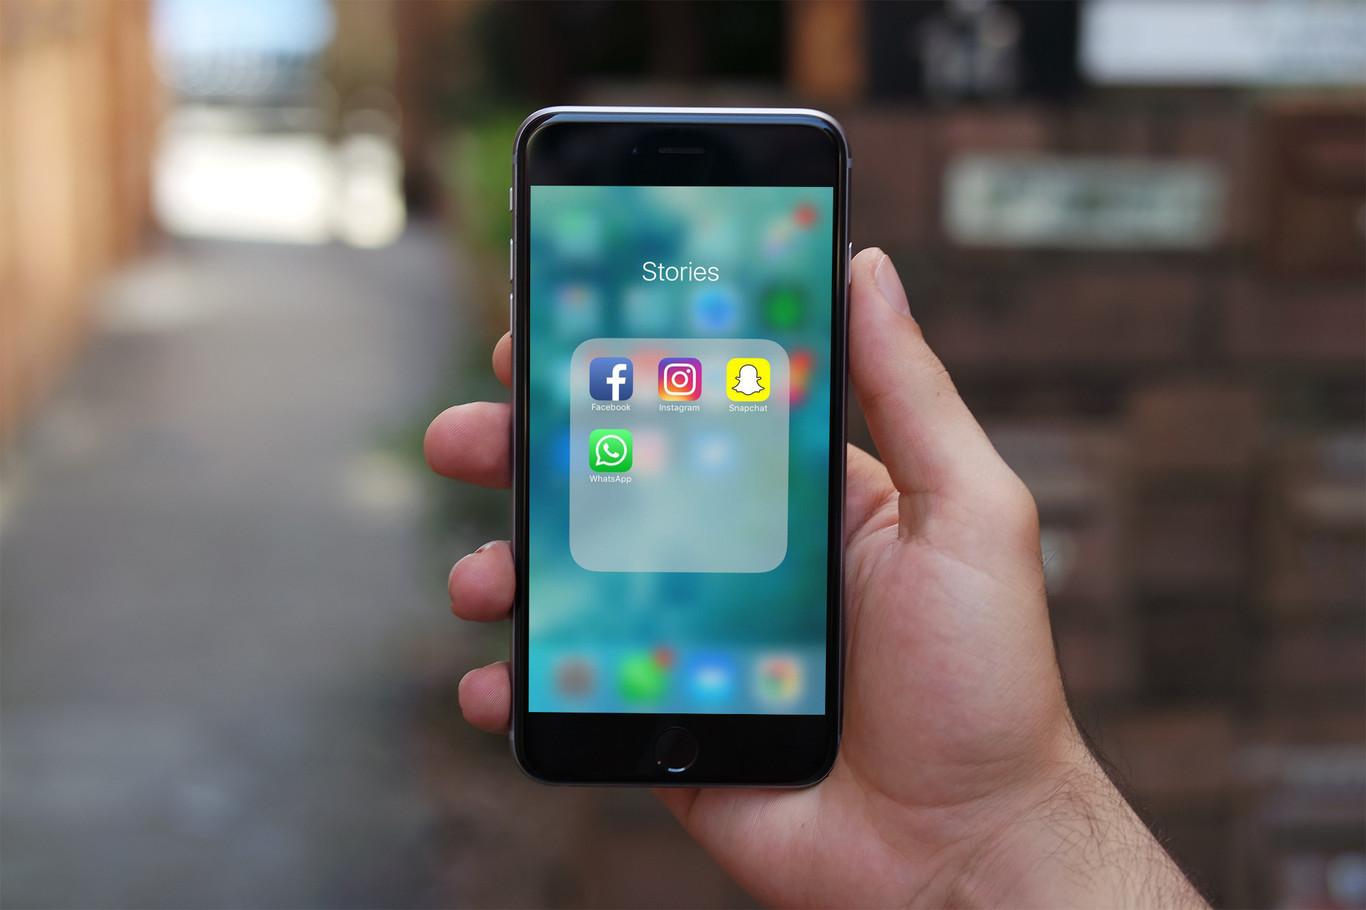 Facebook Stories e Instagram Stories podrían unirse en un futuro